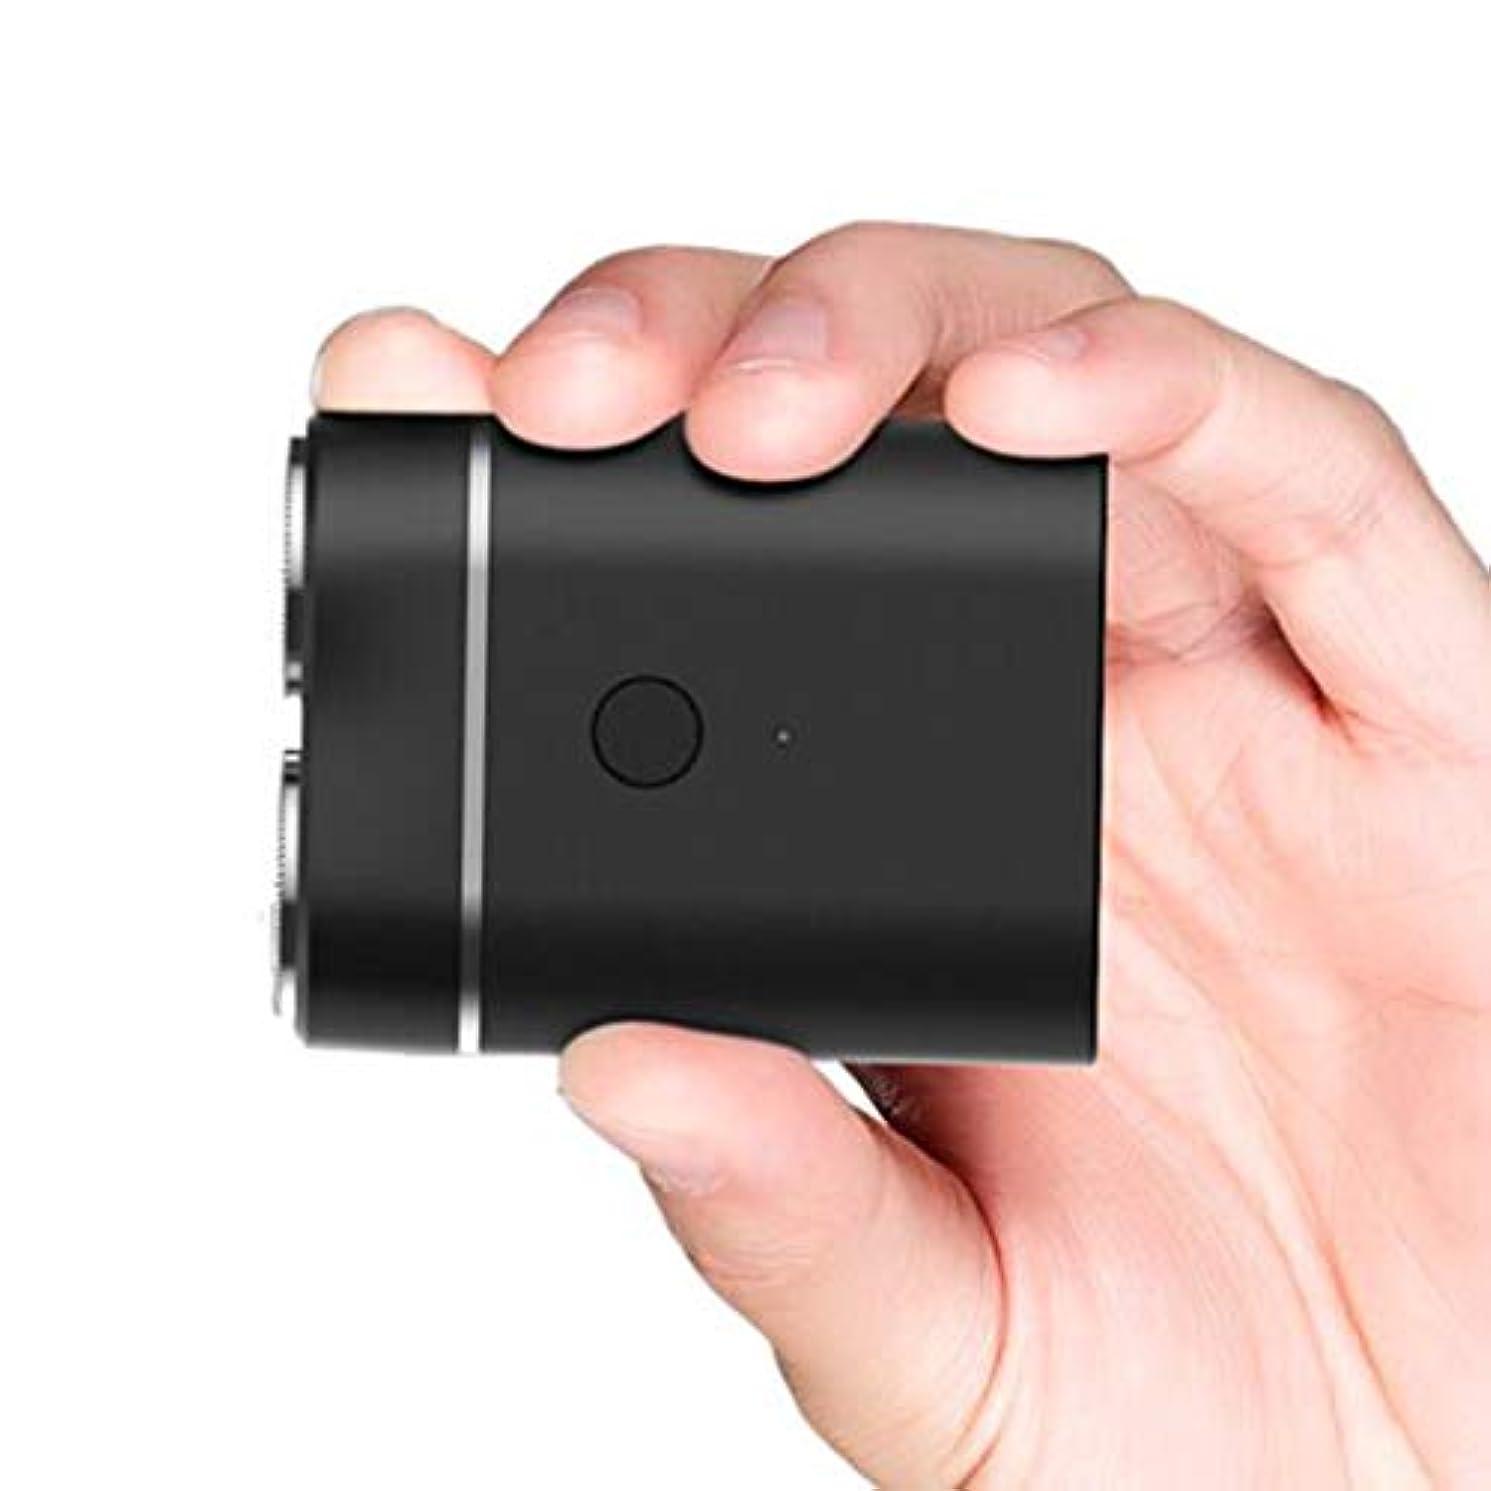 エスカレート病的スープひげそり 電動 メンズシェーバー,USB充電式 髭剃り 電気シェーバー コンパクト IPX7防水 電気シェーバー 回転式 お風呂剃りドライ両用 人気プレゼント